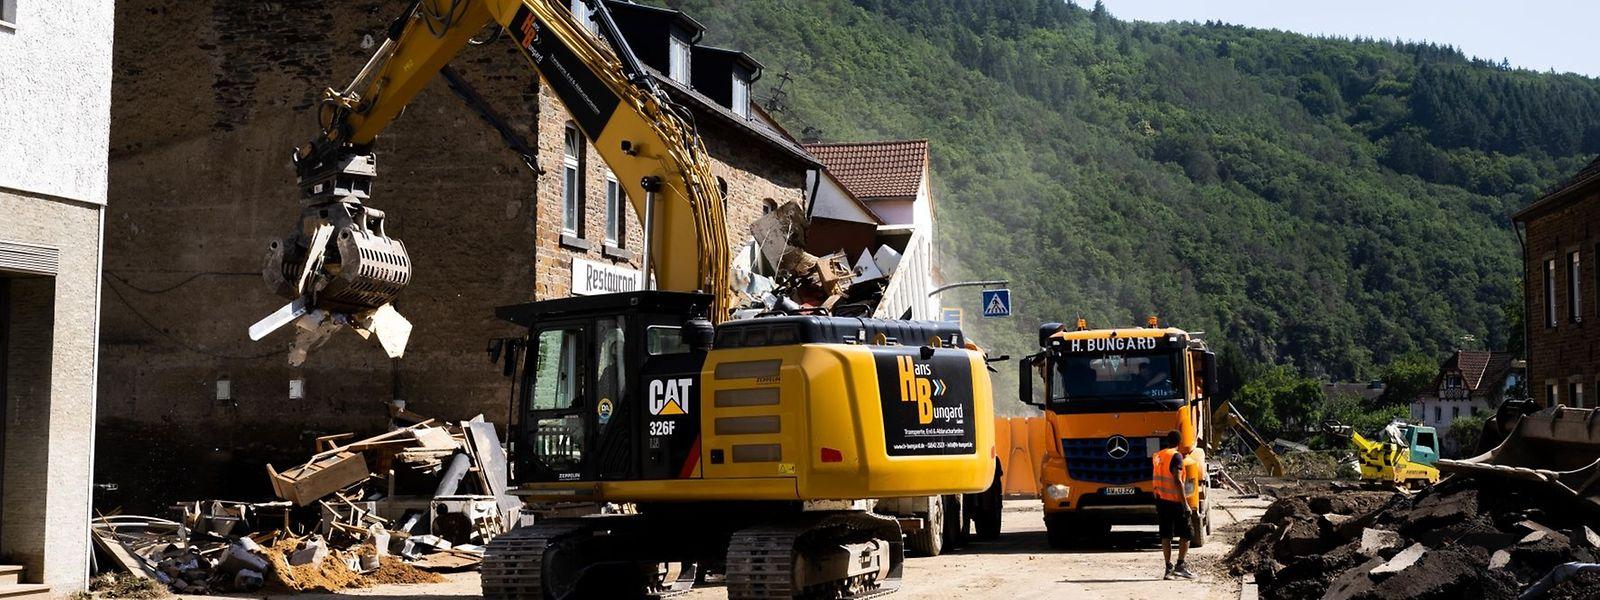 Rheinland-Pfalz, Ahrbrück: Ein Bagger lädt Schutt auf einen Lastwagen.